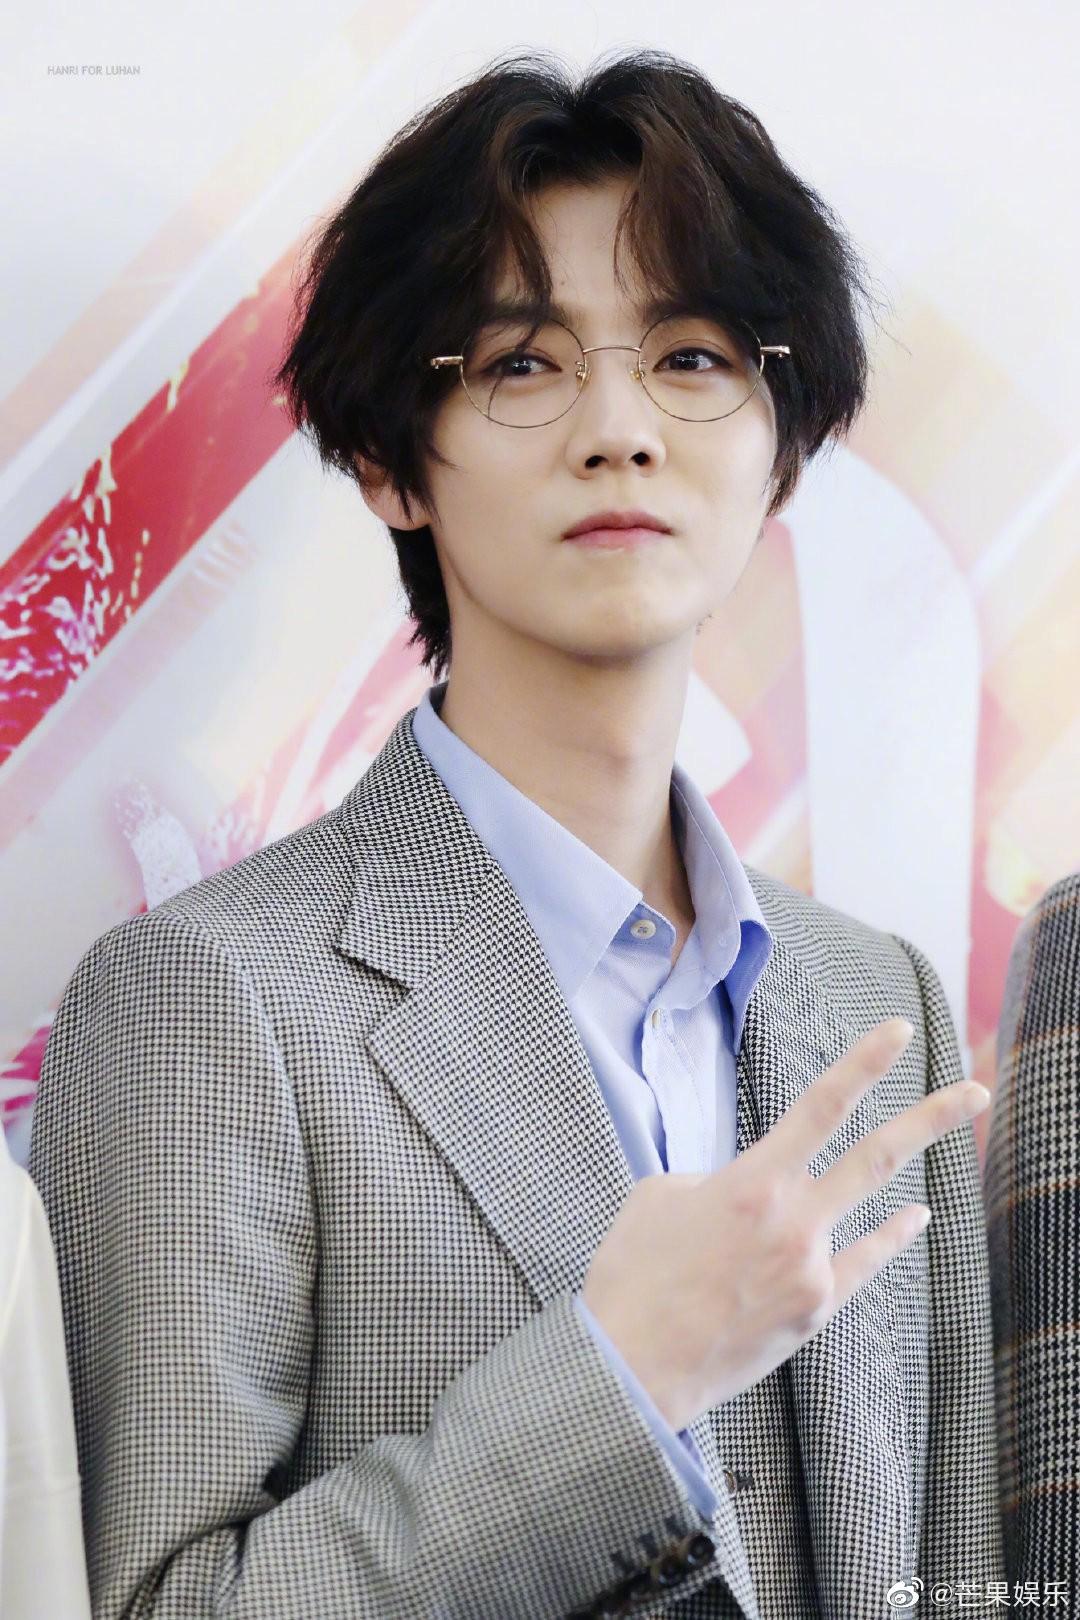 Góc trai đẹp bổ mắt: Luhan gây bão vì soái ca U30 hack tuổi, cạnh tranh sắc vóc với đàn em Ngô Lôi kém 9 tuổi - Ảnh 1.